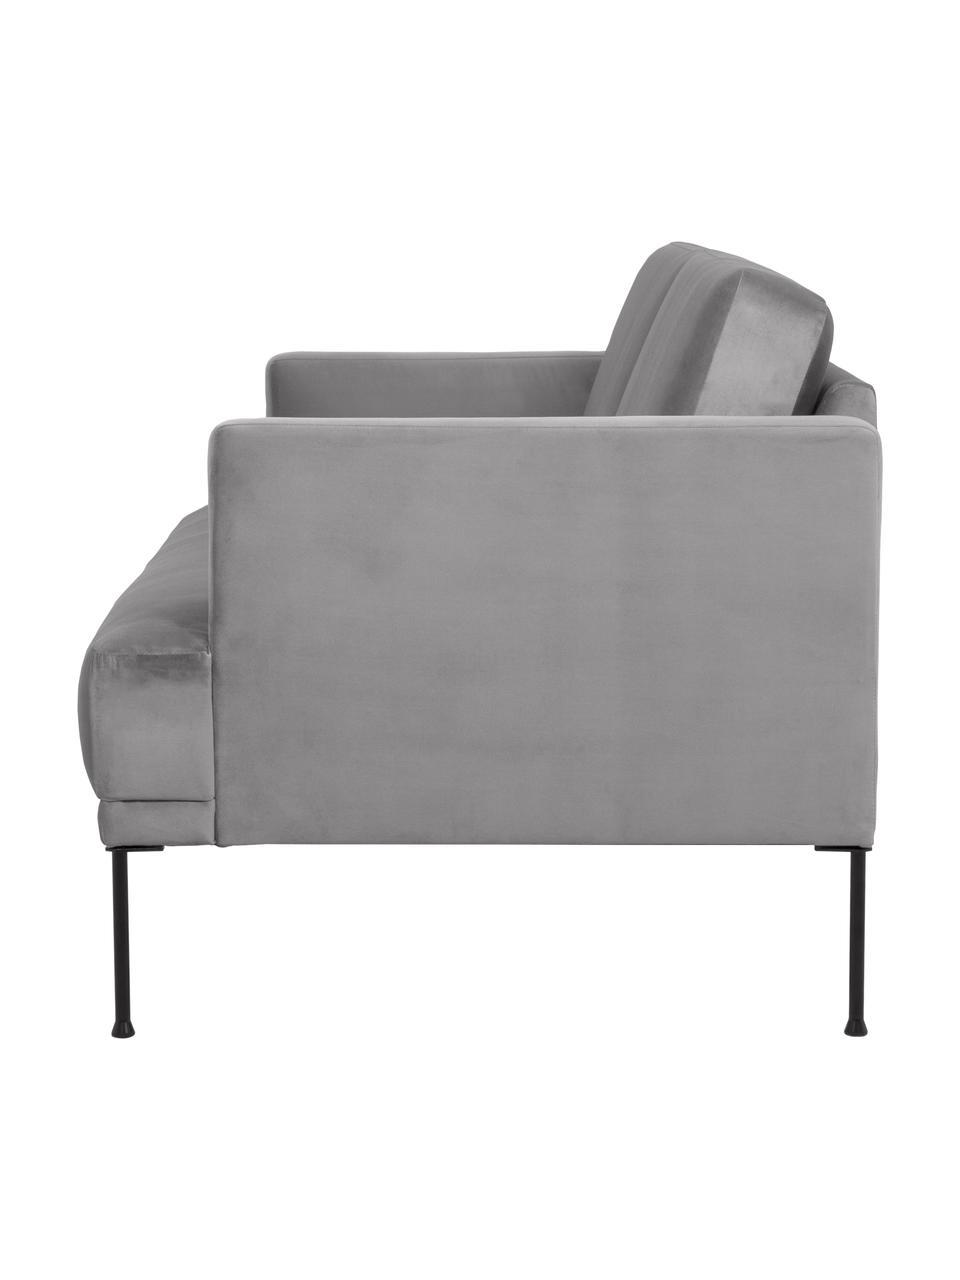 Canapé 3places velours gris clair Fluente, Velours gris clair